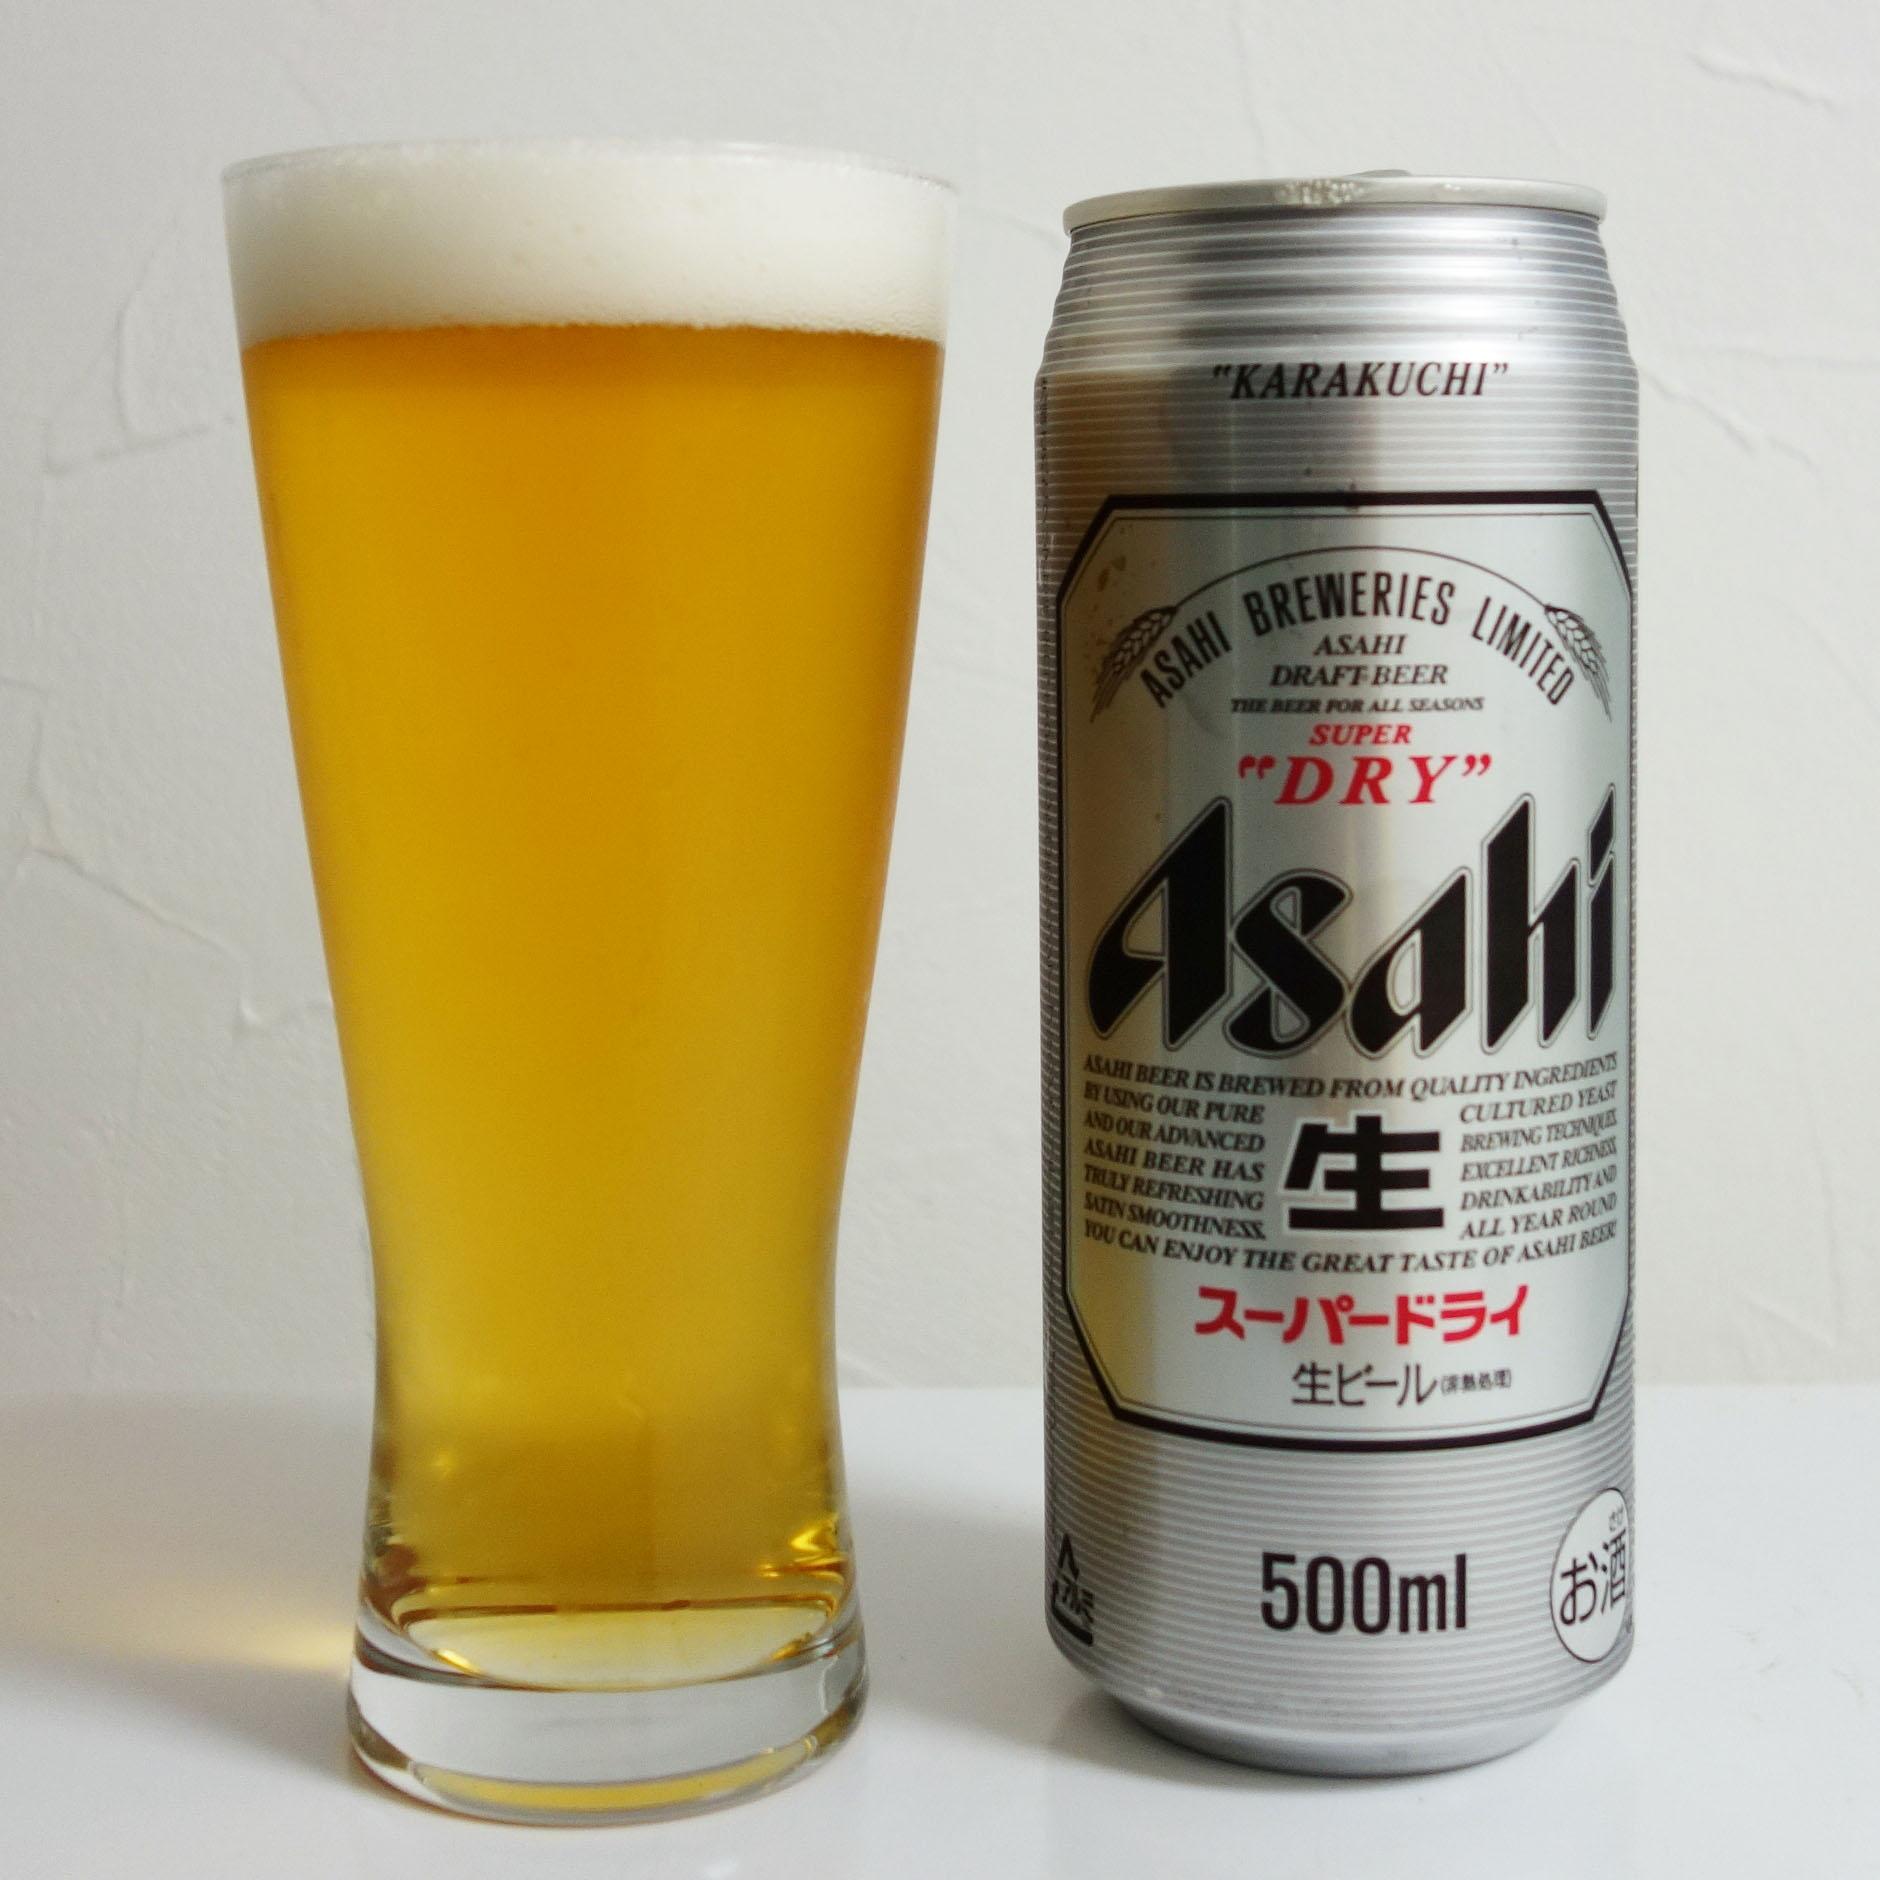 アサヒビール スーパードライ(オリオン版)